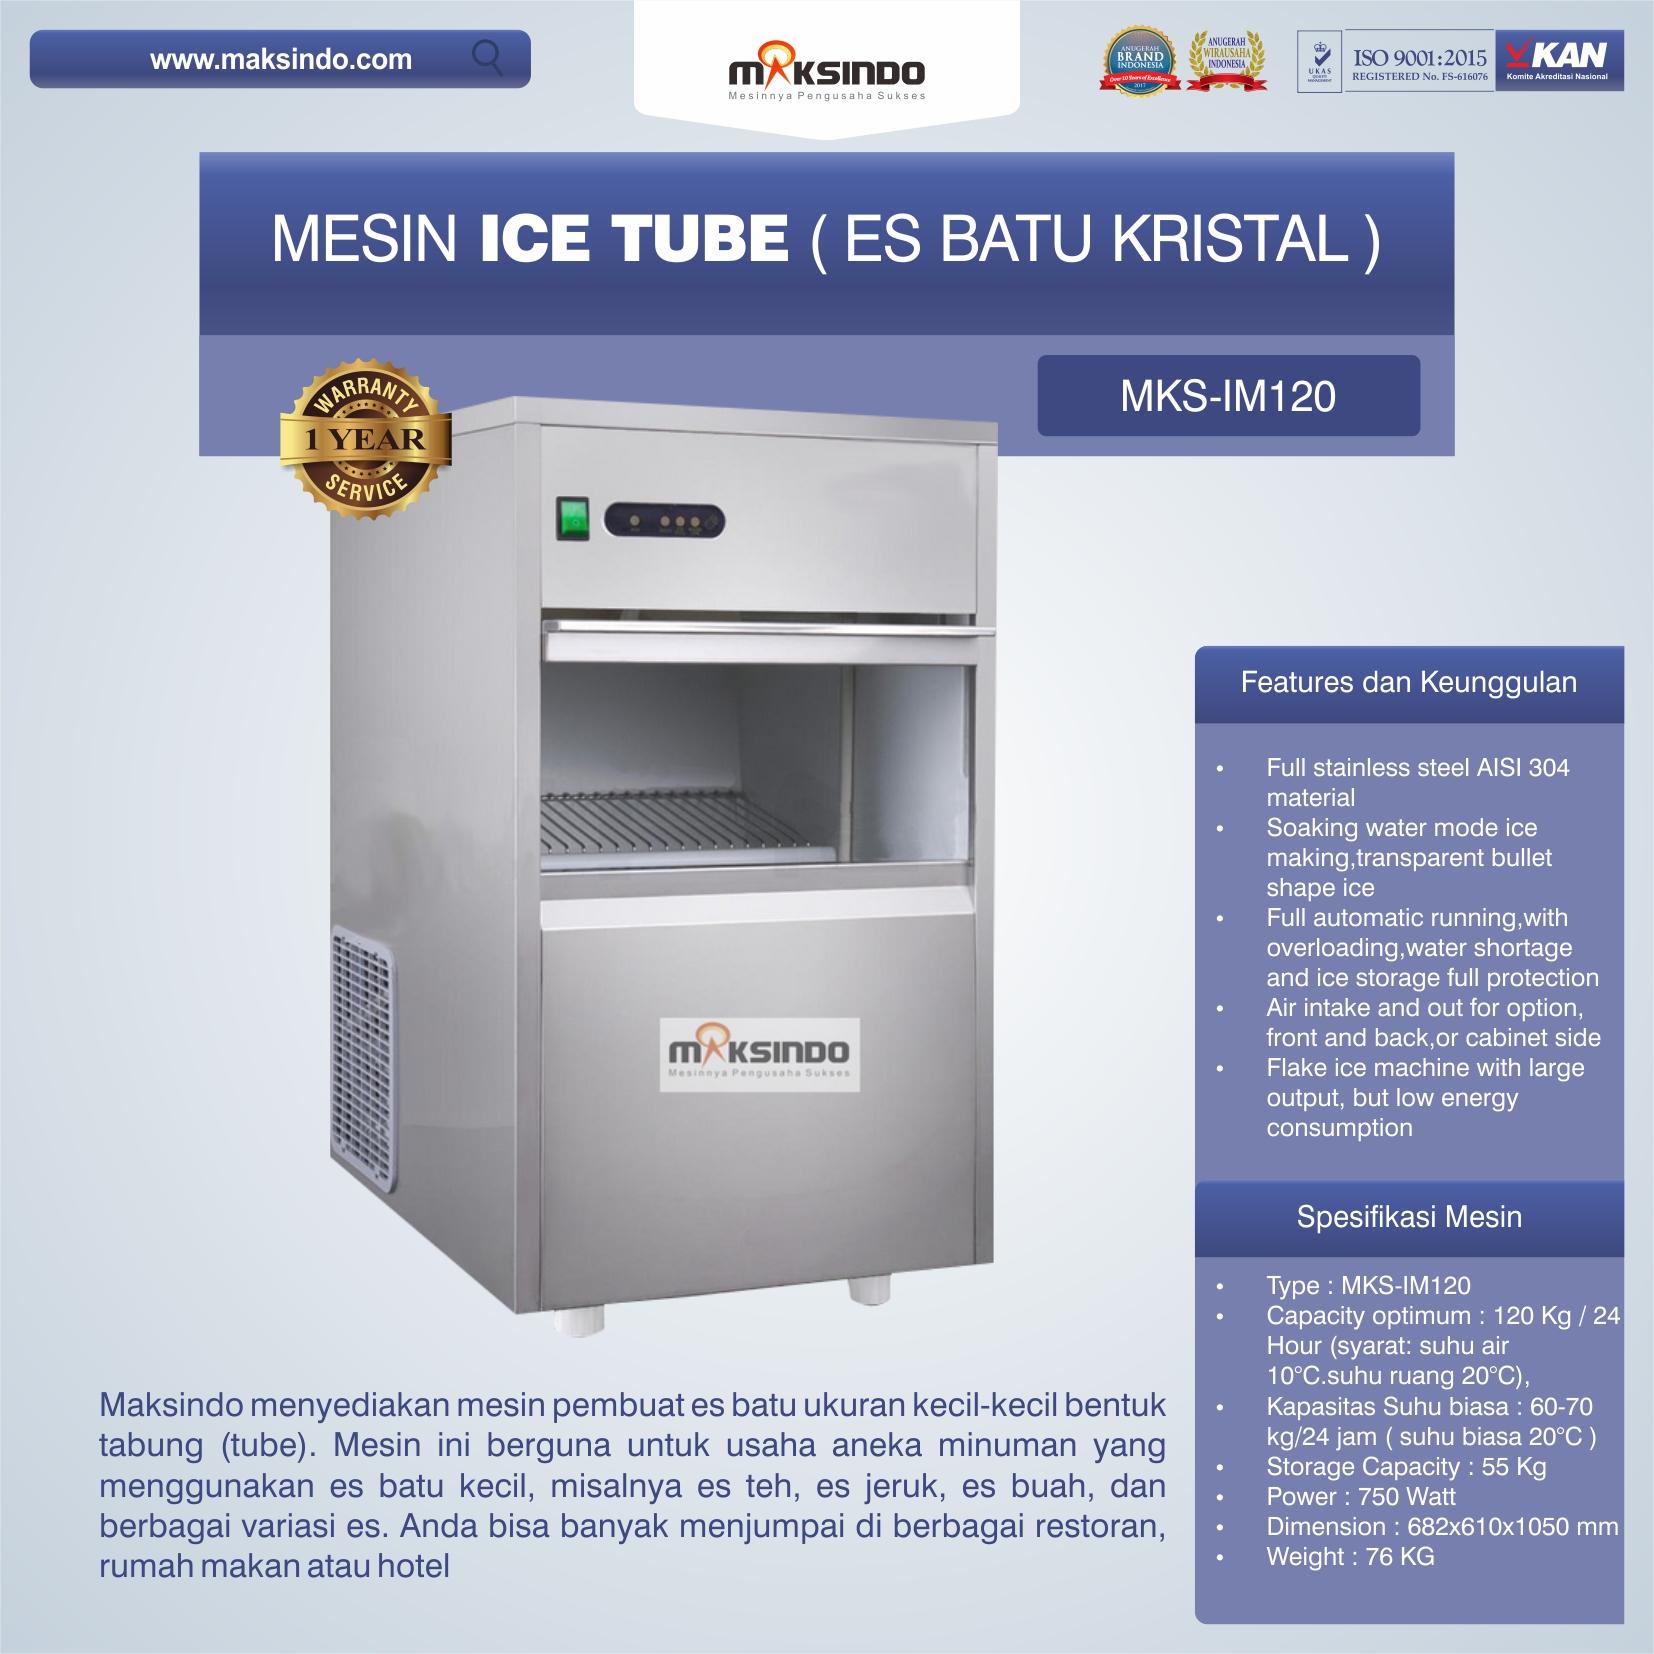 Jual Mesin Ice Tube (Es Batu Kristal) – IM120 di Solo